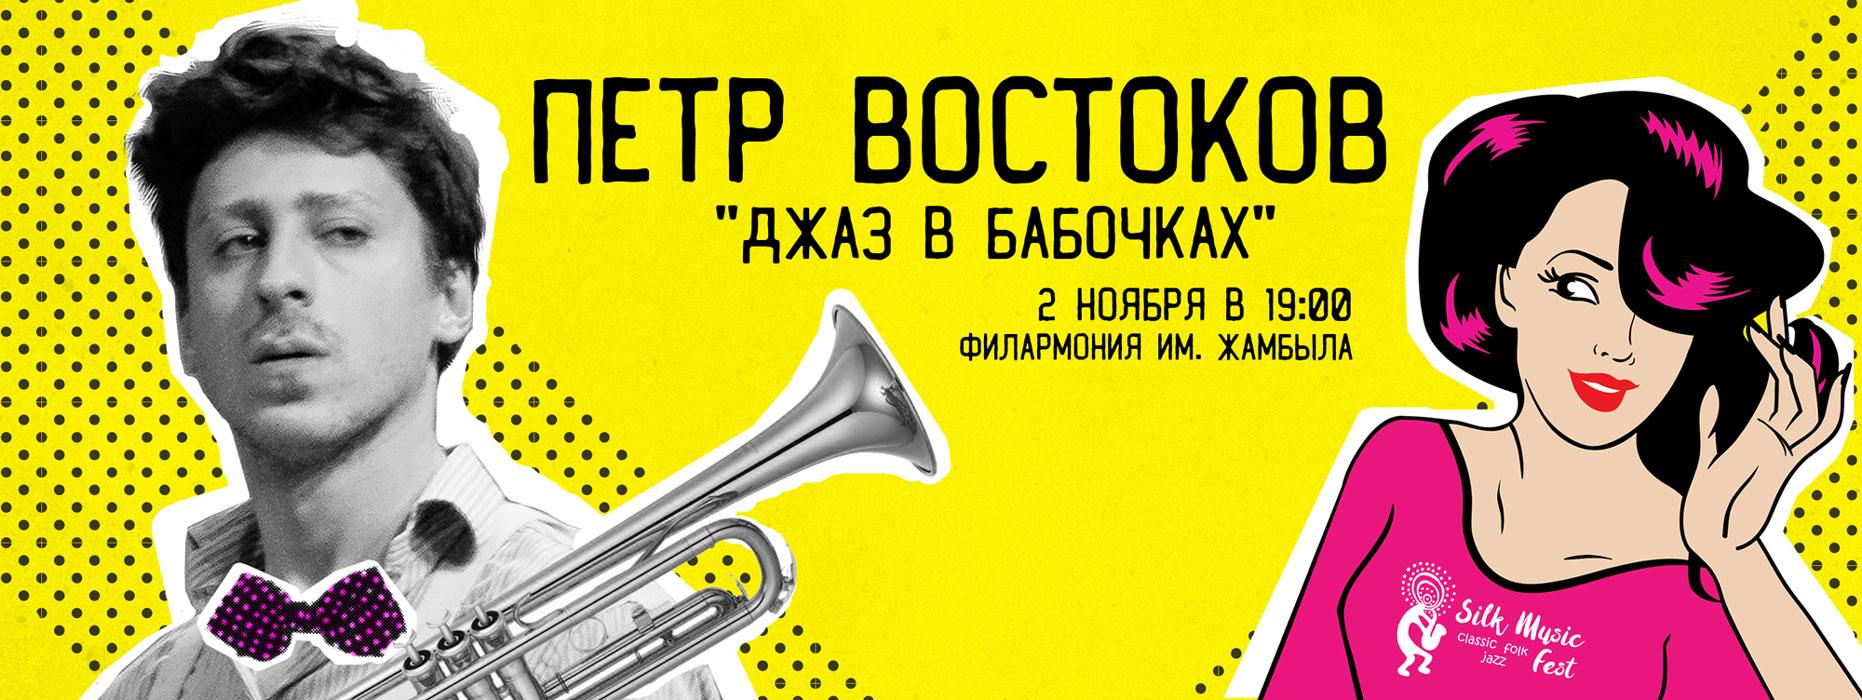 """Трубач Петр Востоков. """"Джаз в бабочках"""""""